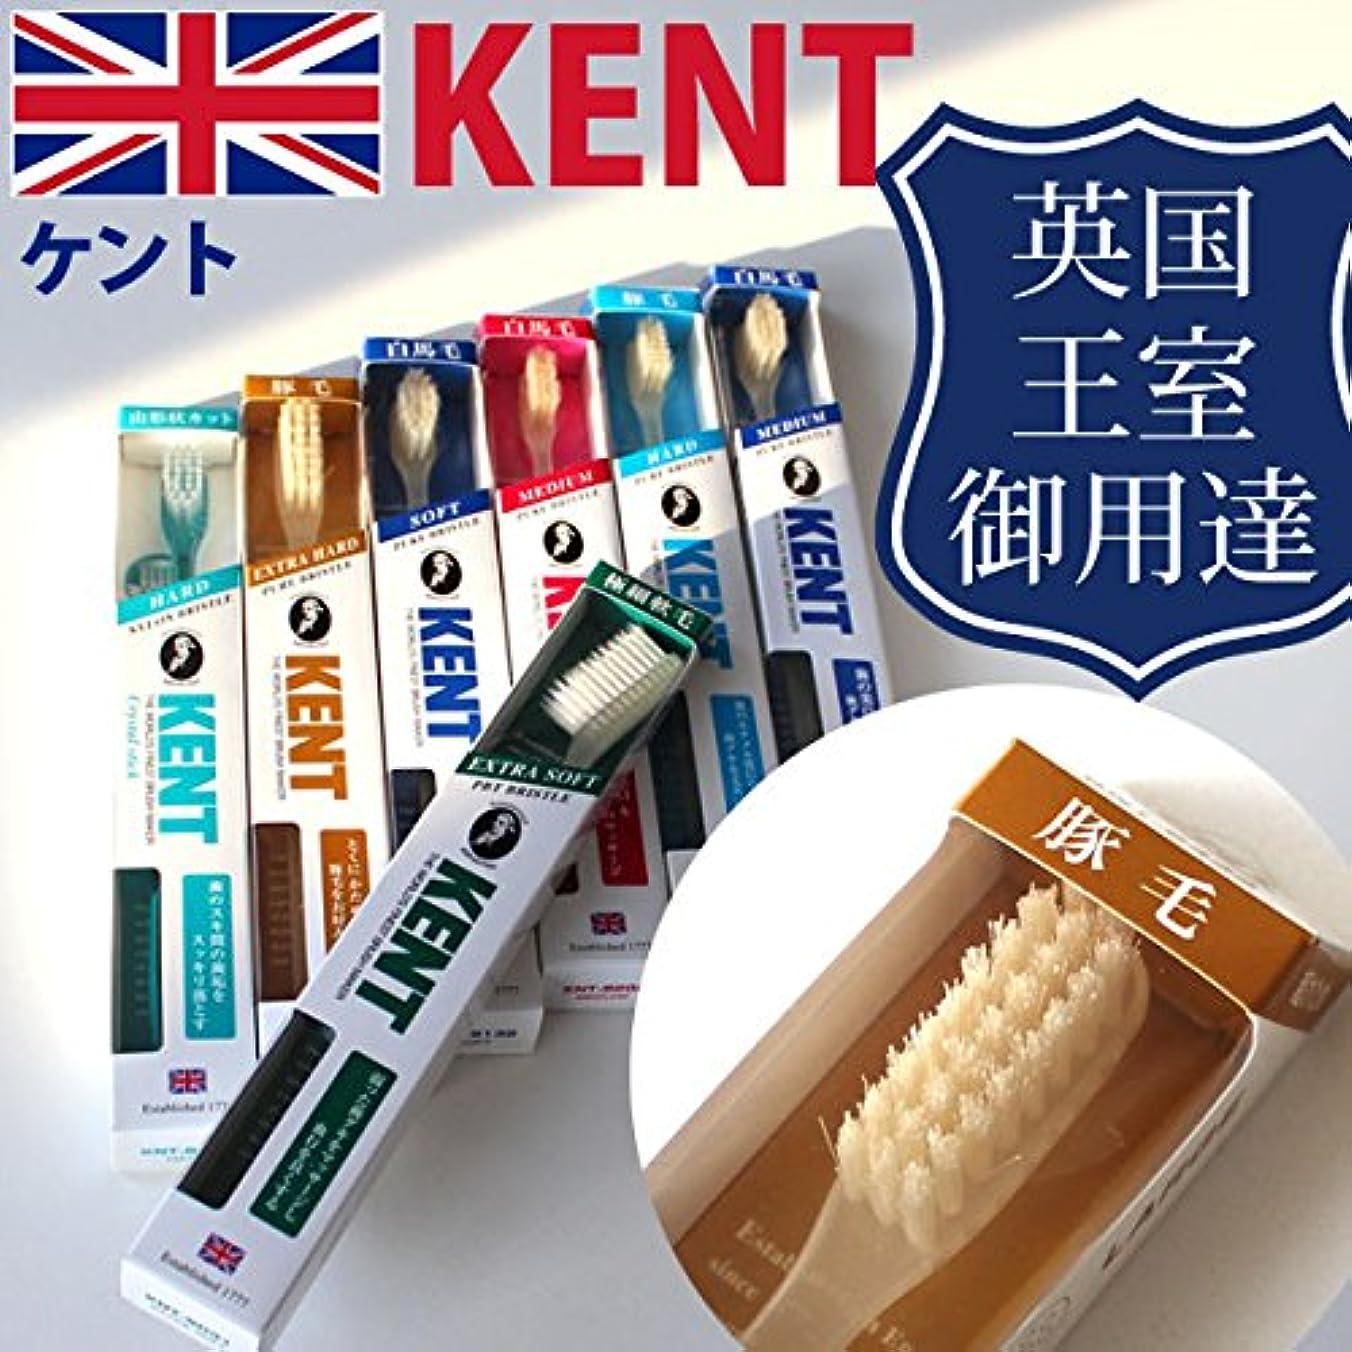 ネックレスウサギ獣ケント KENT 豚毛 コンパクト 歯ブラシKNT-9233/9833 6本入り 他の天然毛の歯ブラシに比べて細かく磨 かため